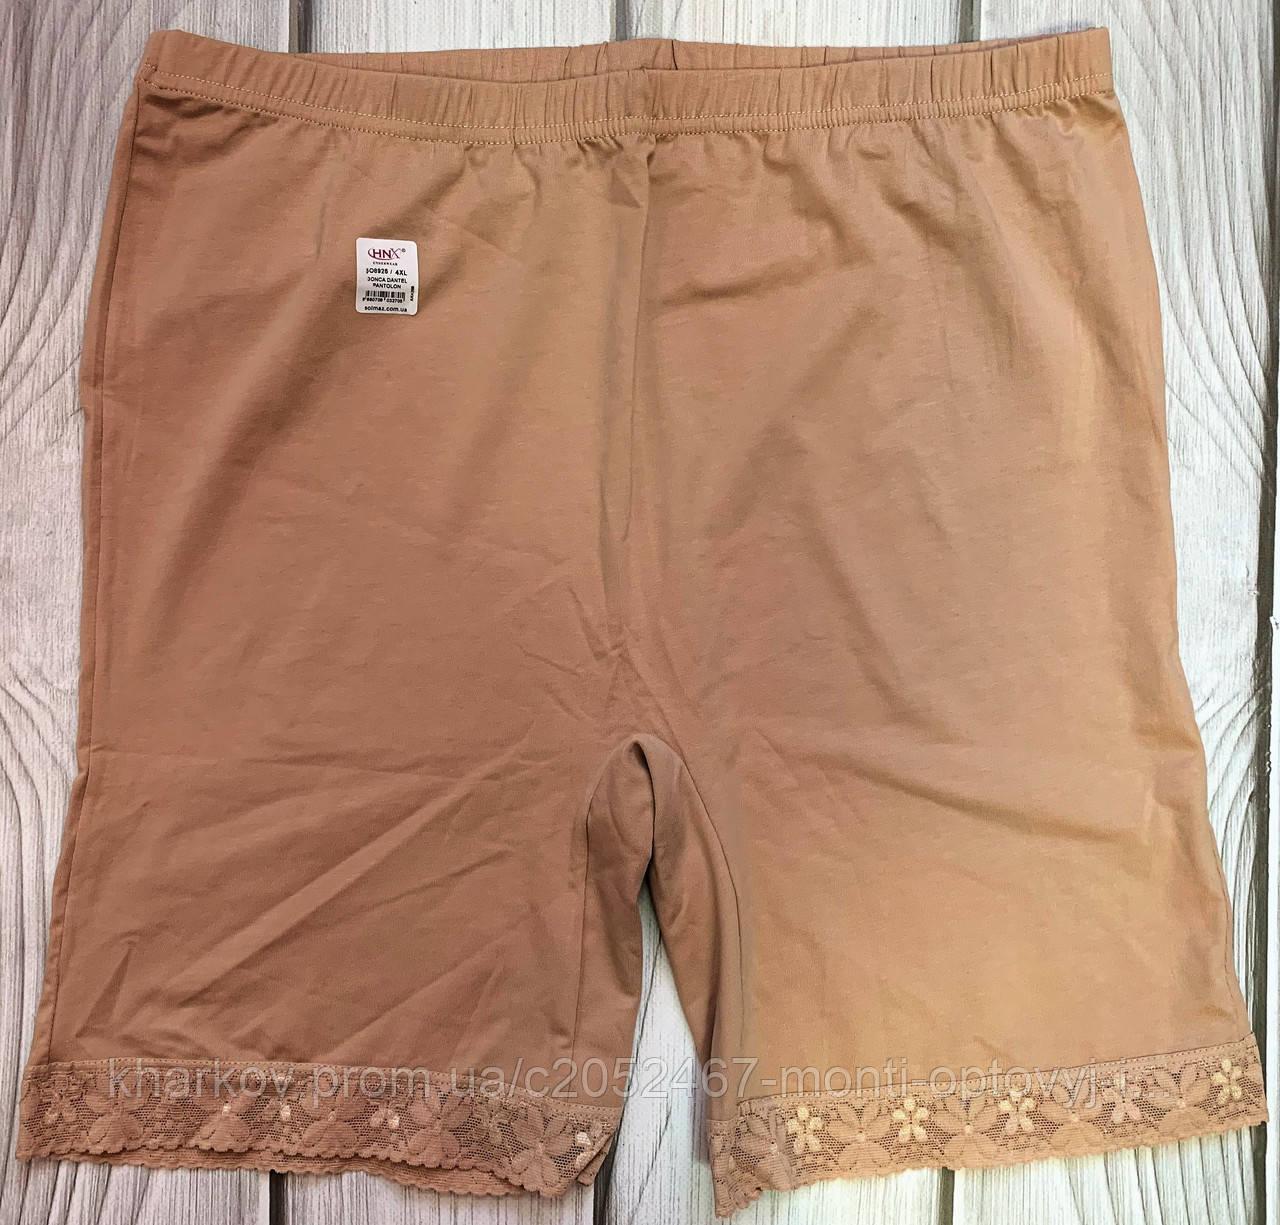 Женское белье панталоны интернет магазин пленка для вакуумного упаковщика в нижнем новгороде